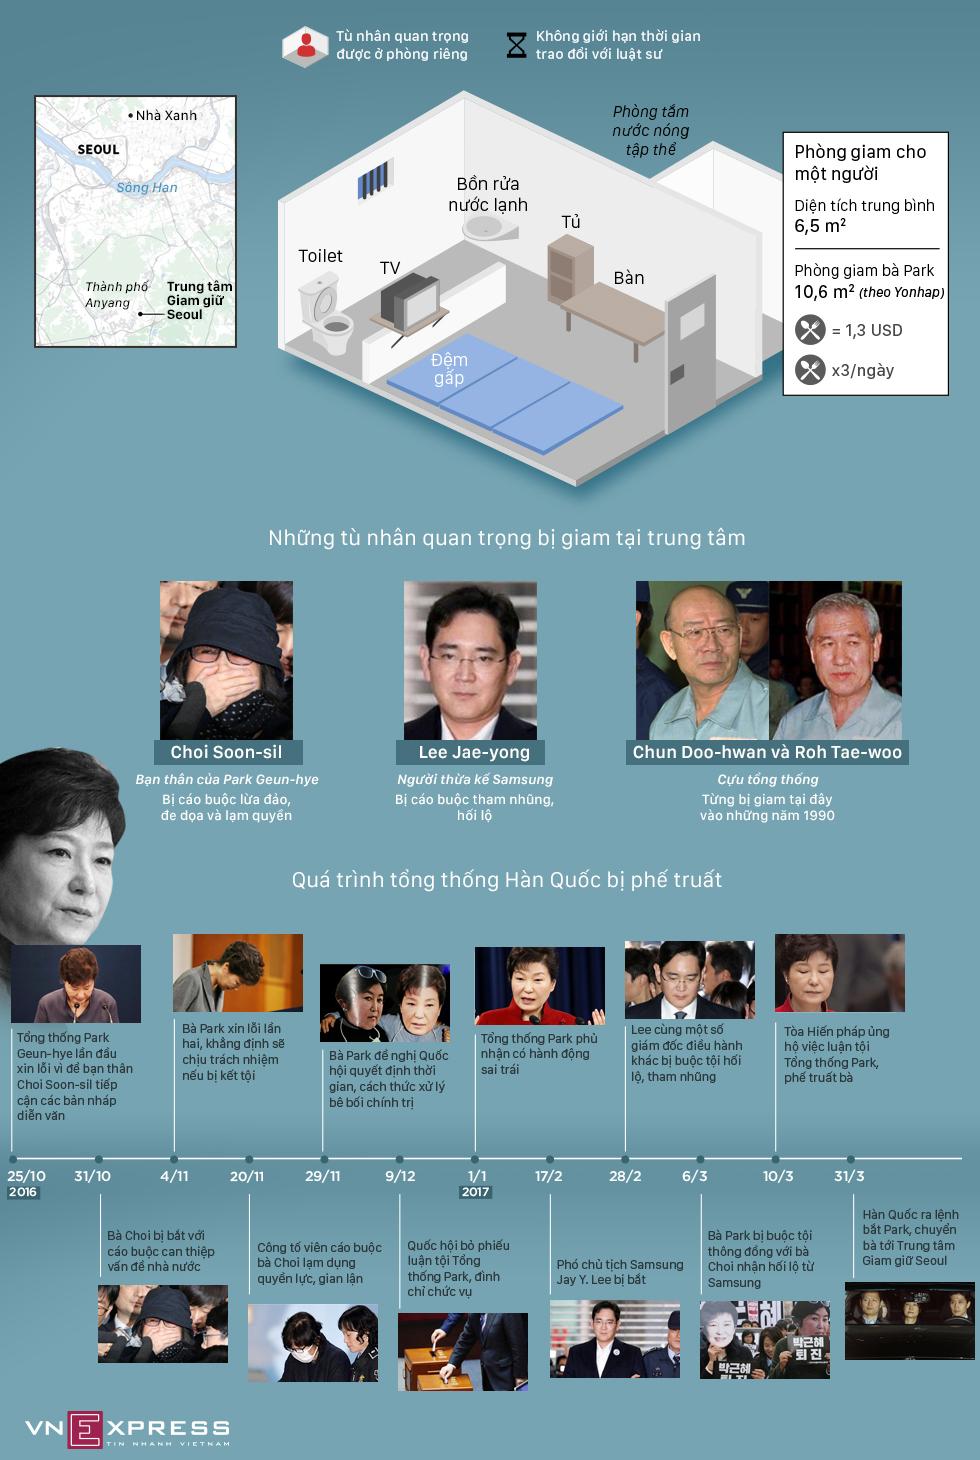 Phòng giam 10,6 m2 của cựu tổng thống Hàn Quốc